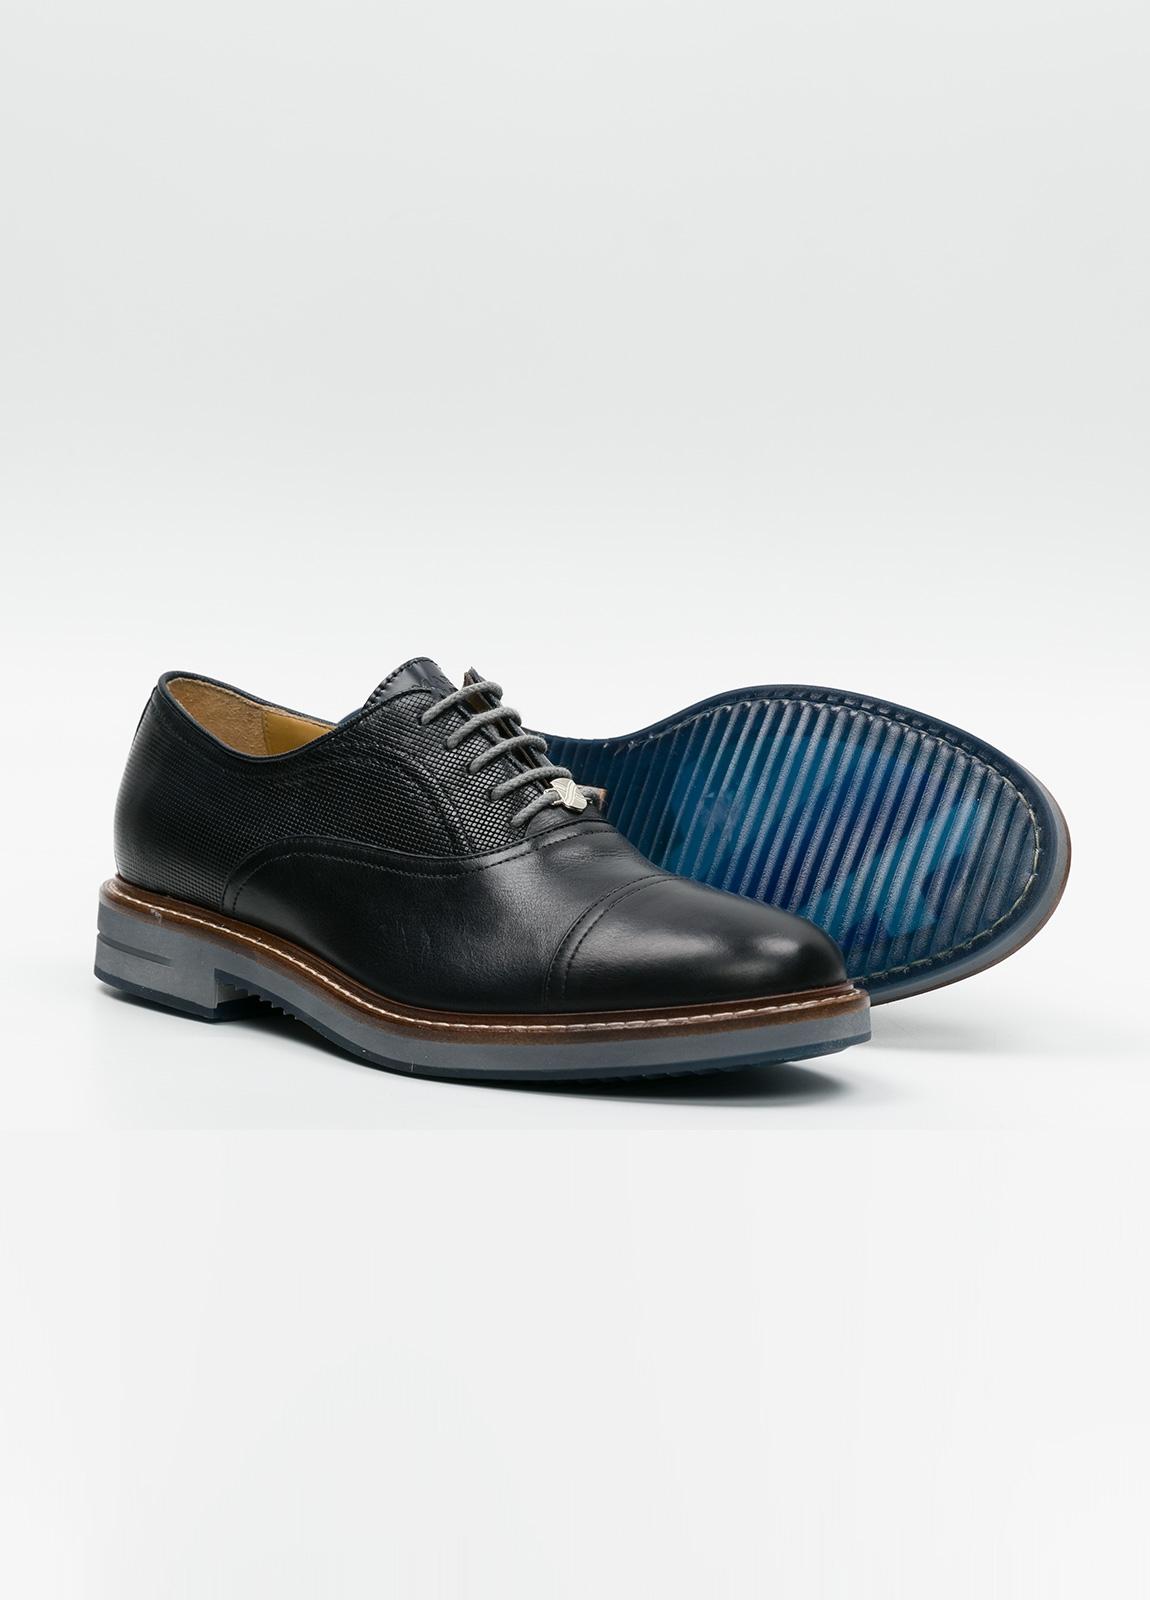 Zapato Formal Wear con cordones color marrón oscuro combinación de piel lisa y grabada. 100% Piel. - Ítem3